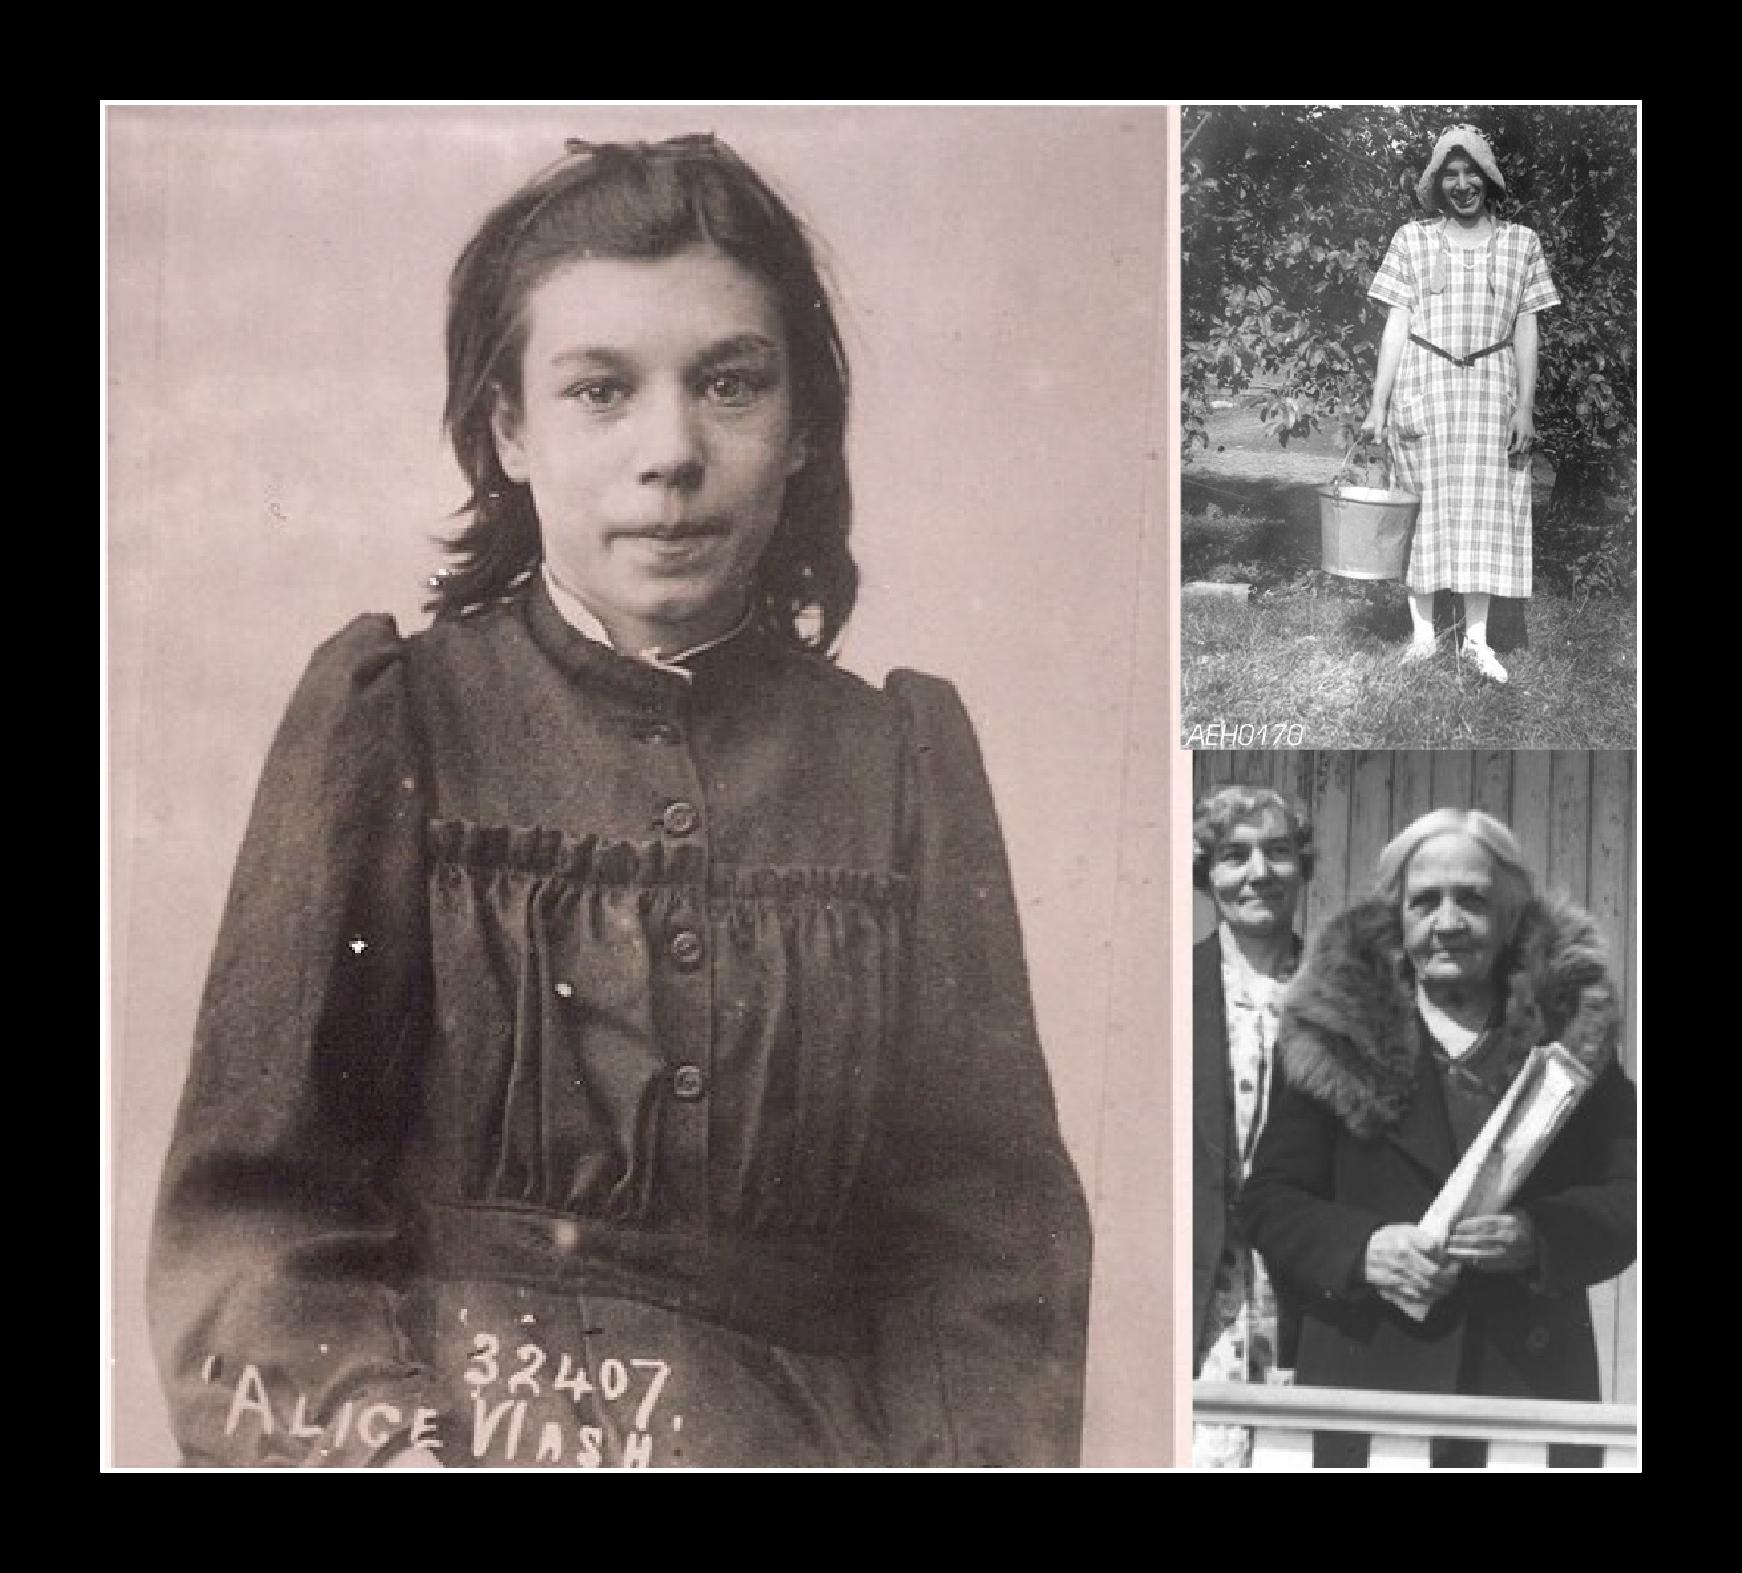 Emily Alice Sophia Nash